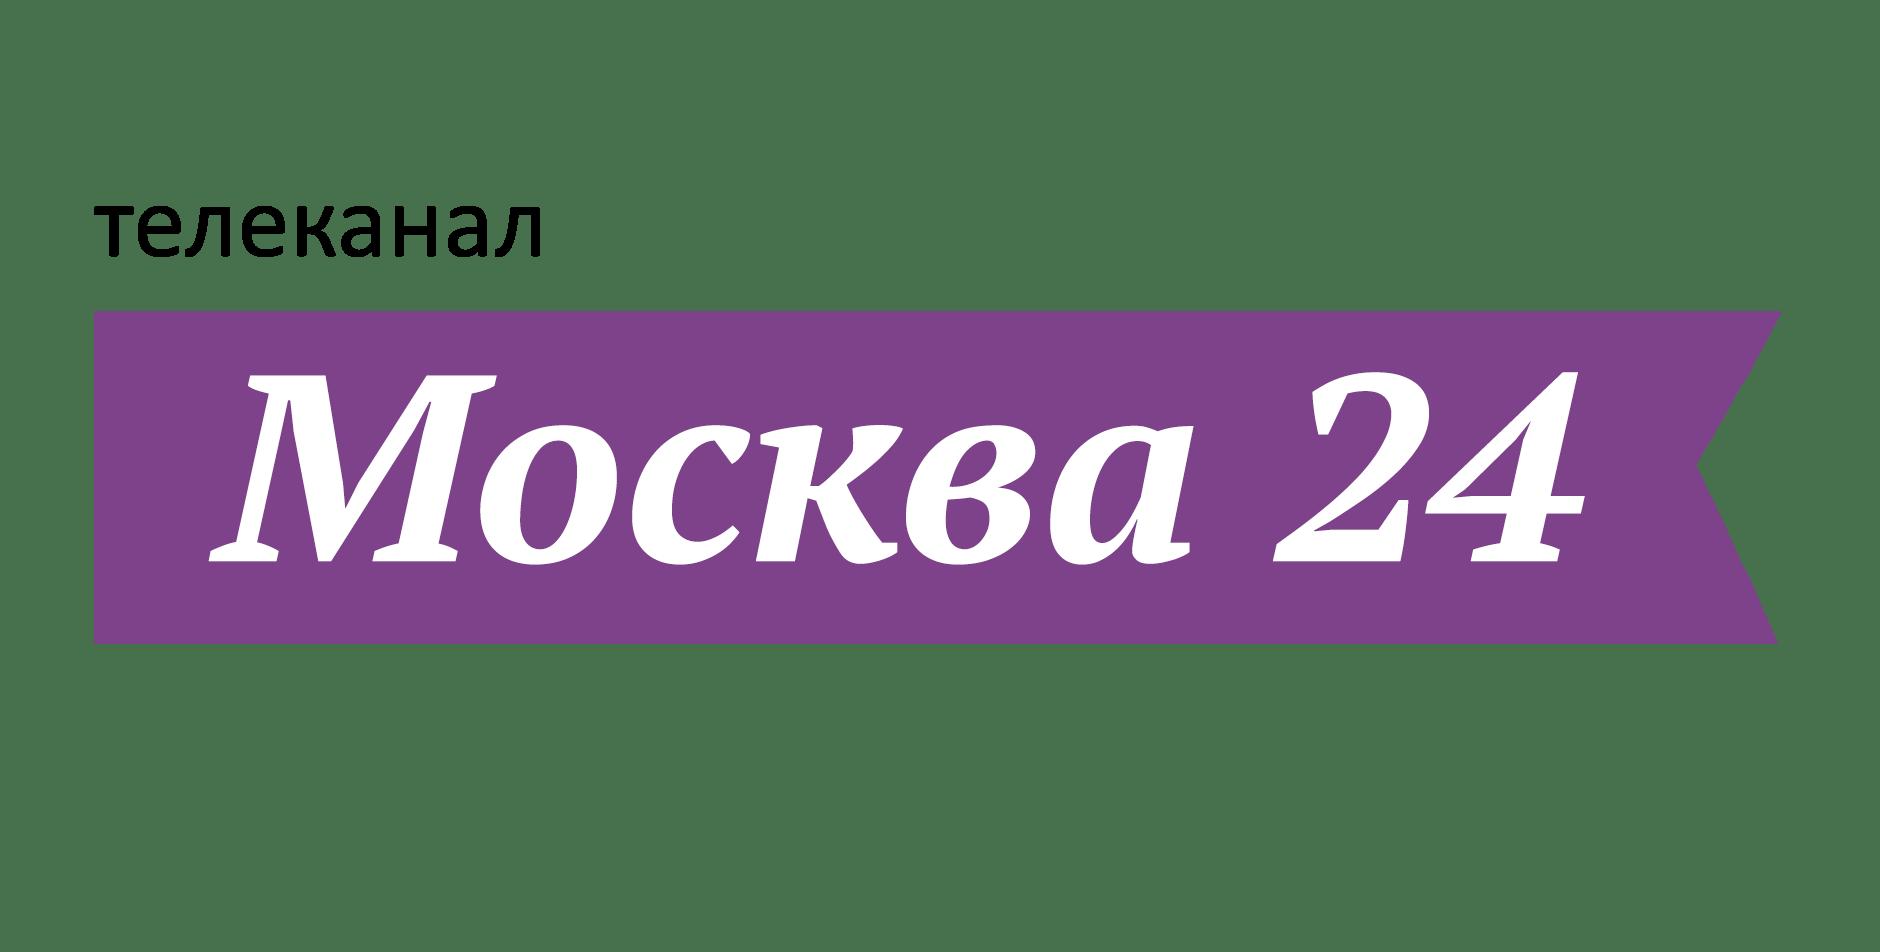 Москва_24_logo_2014